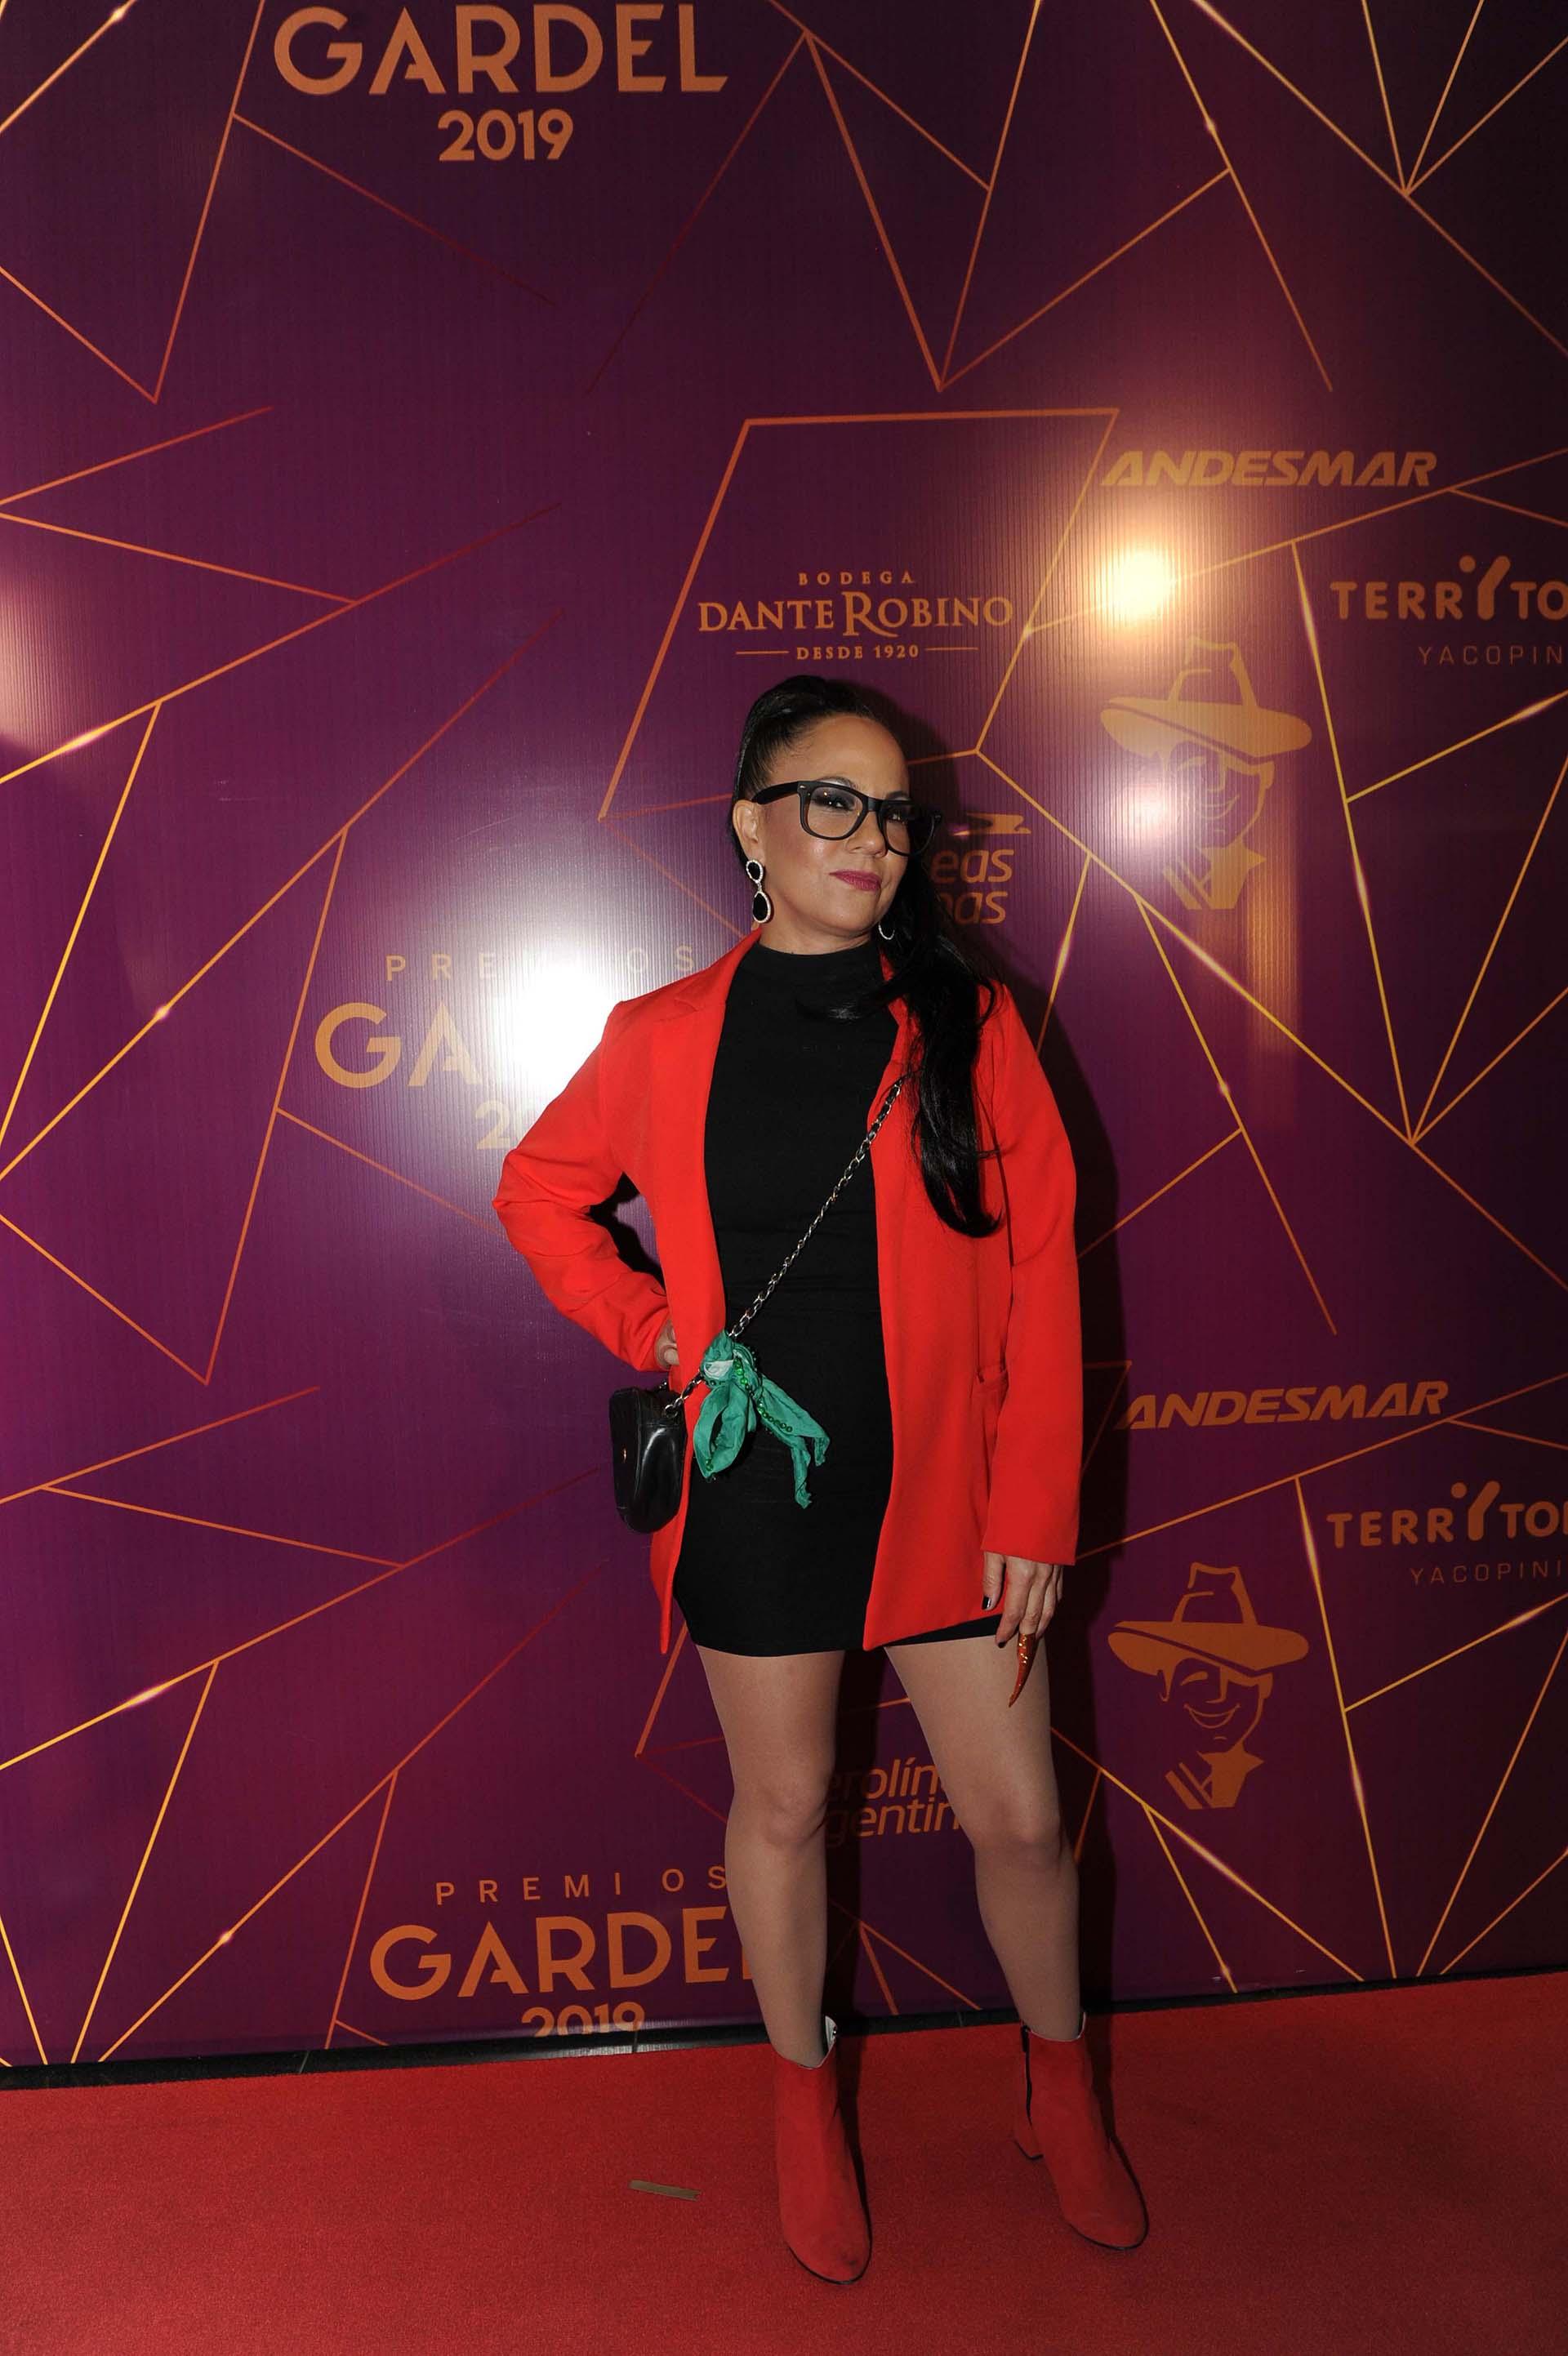 Resultado de imagen para premios gardel 2019